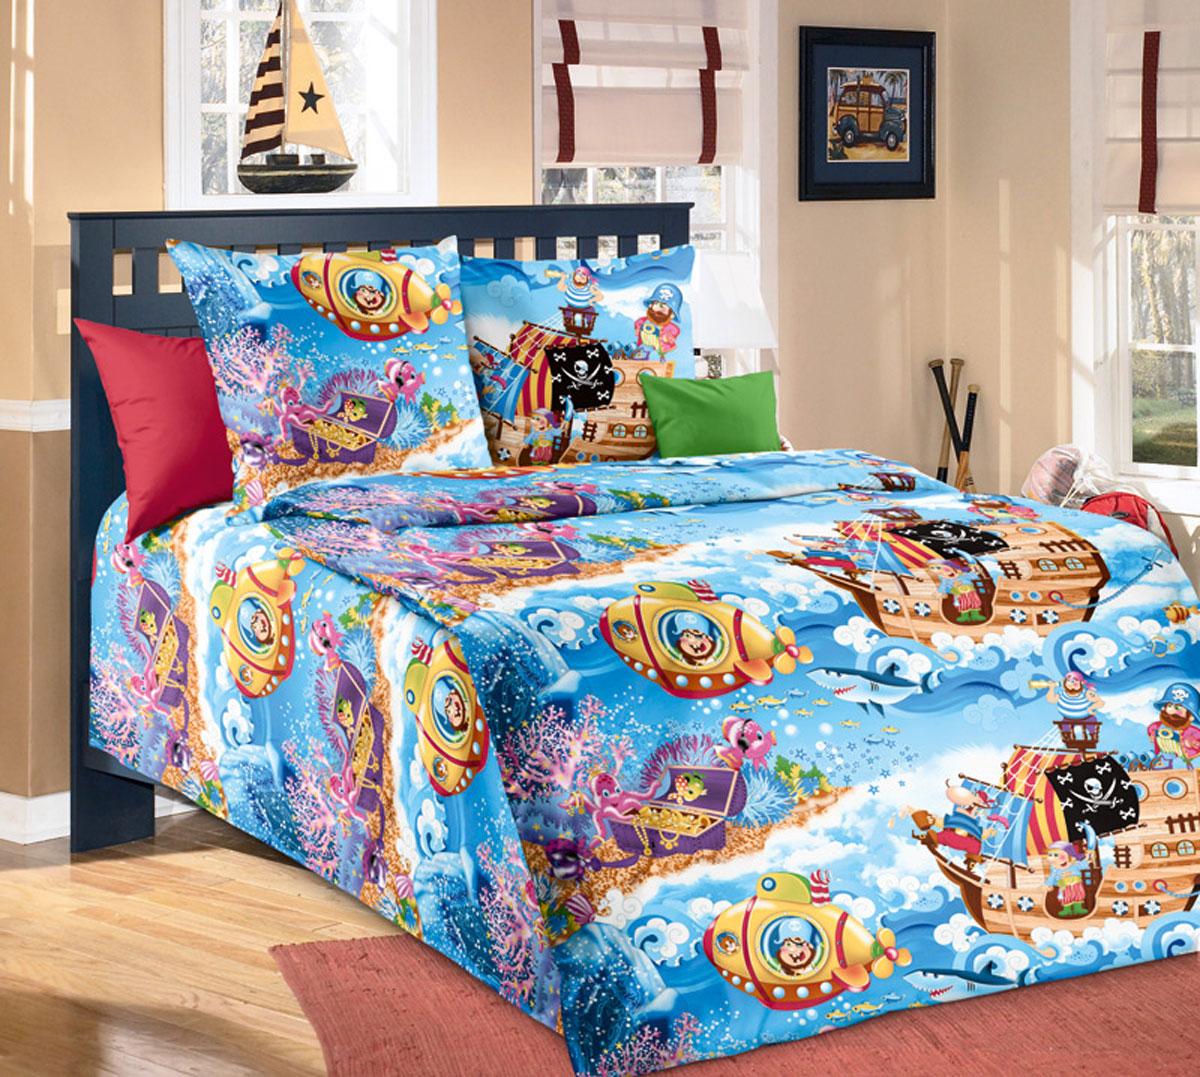 ТексДизайн Комплект детского постельного белья Пираты 1,5-спальныйCLP446Комплект детского постельного белья Пираты, состоящий из двух наволочек, простыни и пододеяльника, выполнен из прочной бязи. Комплект постельного белья украшен изображениями веселых пиратов, сокровищ и морских обитателей. Сегодня компания Текс-Дизайн является крупнейшим поставщиком эксклюзивной набивной бязи. Вся ткань изготовлена из 100% хлопка. Бязь - хлопчатобумажная плотная ткань полотняного переплетения. Отличается прочностью и стойкостью к многочисленным стиркам. Бязь считается одной из наиболее подходящих тканей, для производства постельного белья и пользуется в России большим спросом. Фирменная продукция отличается оригинальным дизайном, высокой прочностью и долговечностью. Такой комплект идеально подойдет для кроватки вашего малыша. На нем ребенок будет спать здоровым и крепким сном.